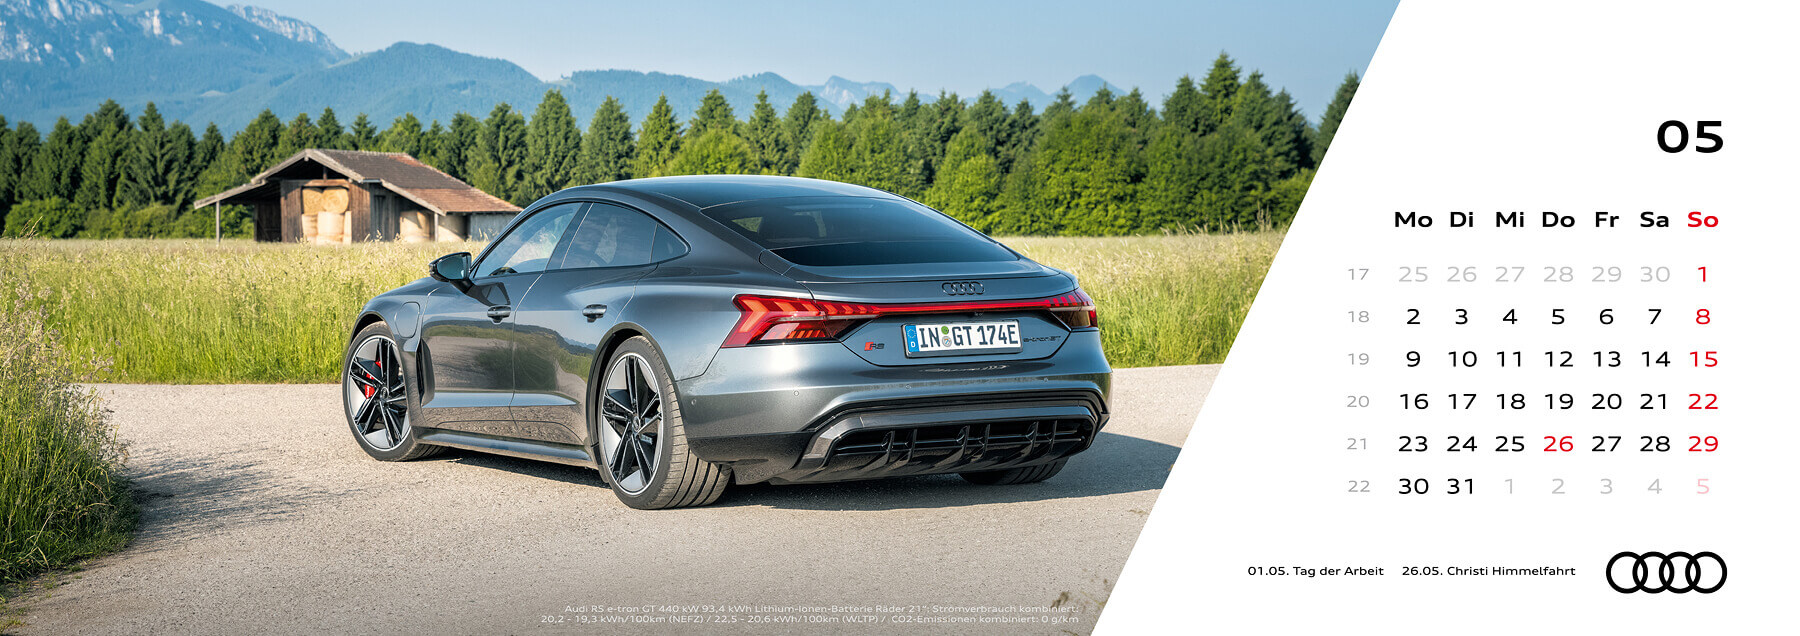 Audi Tischkalender 2022 - Mai